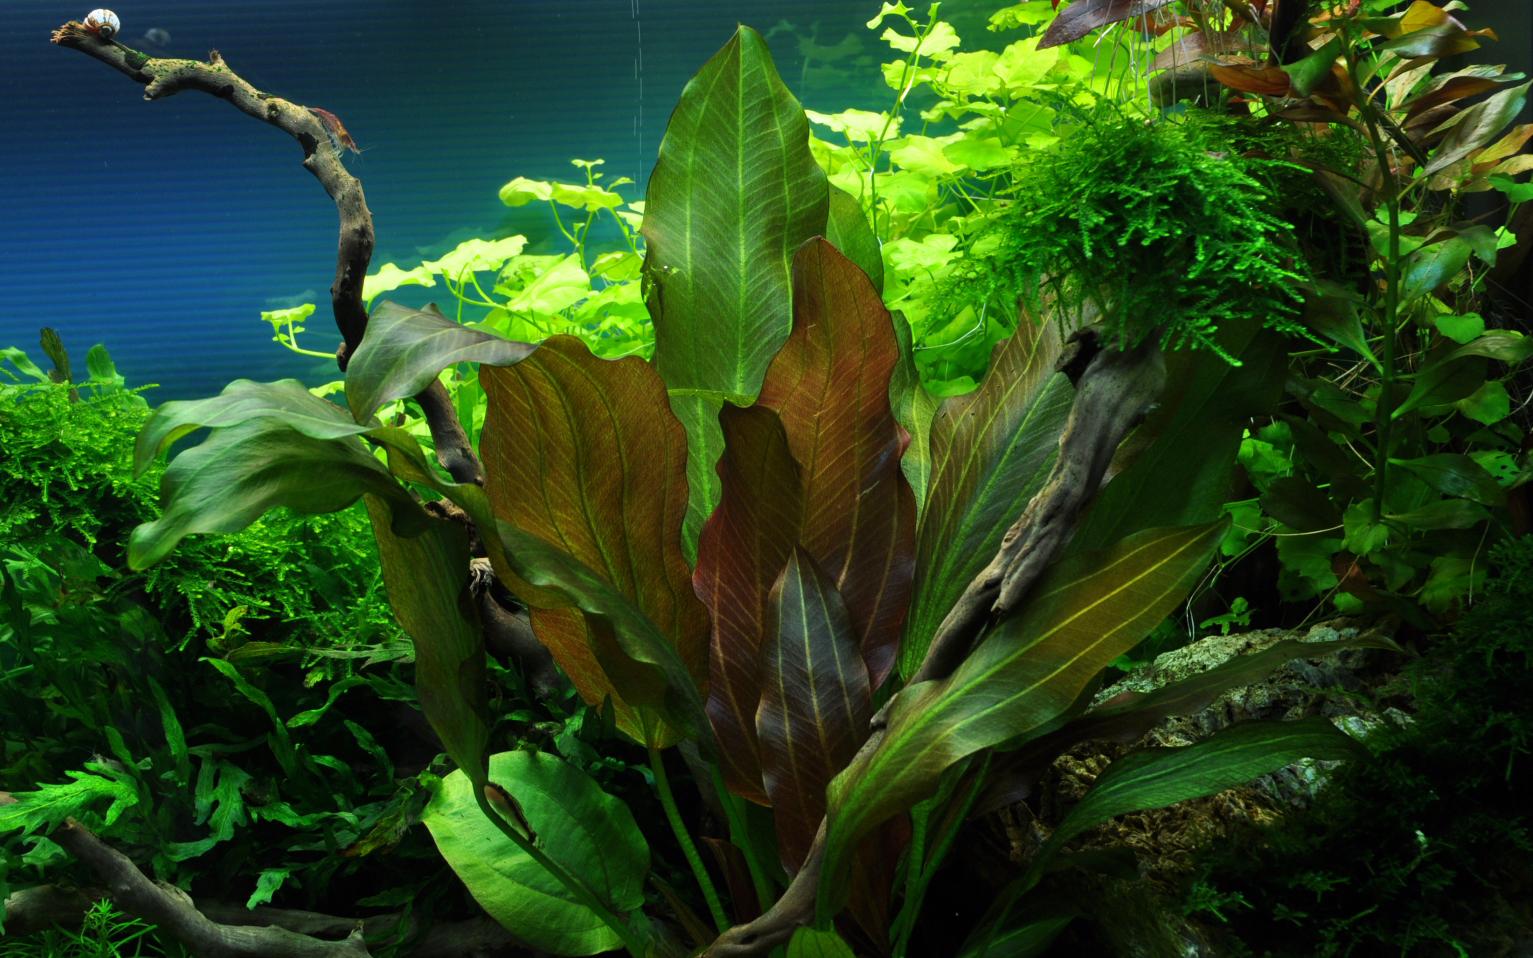 Список всех аквариумных растений по категориям с фото